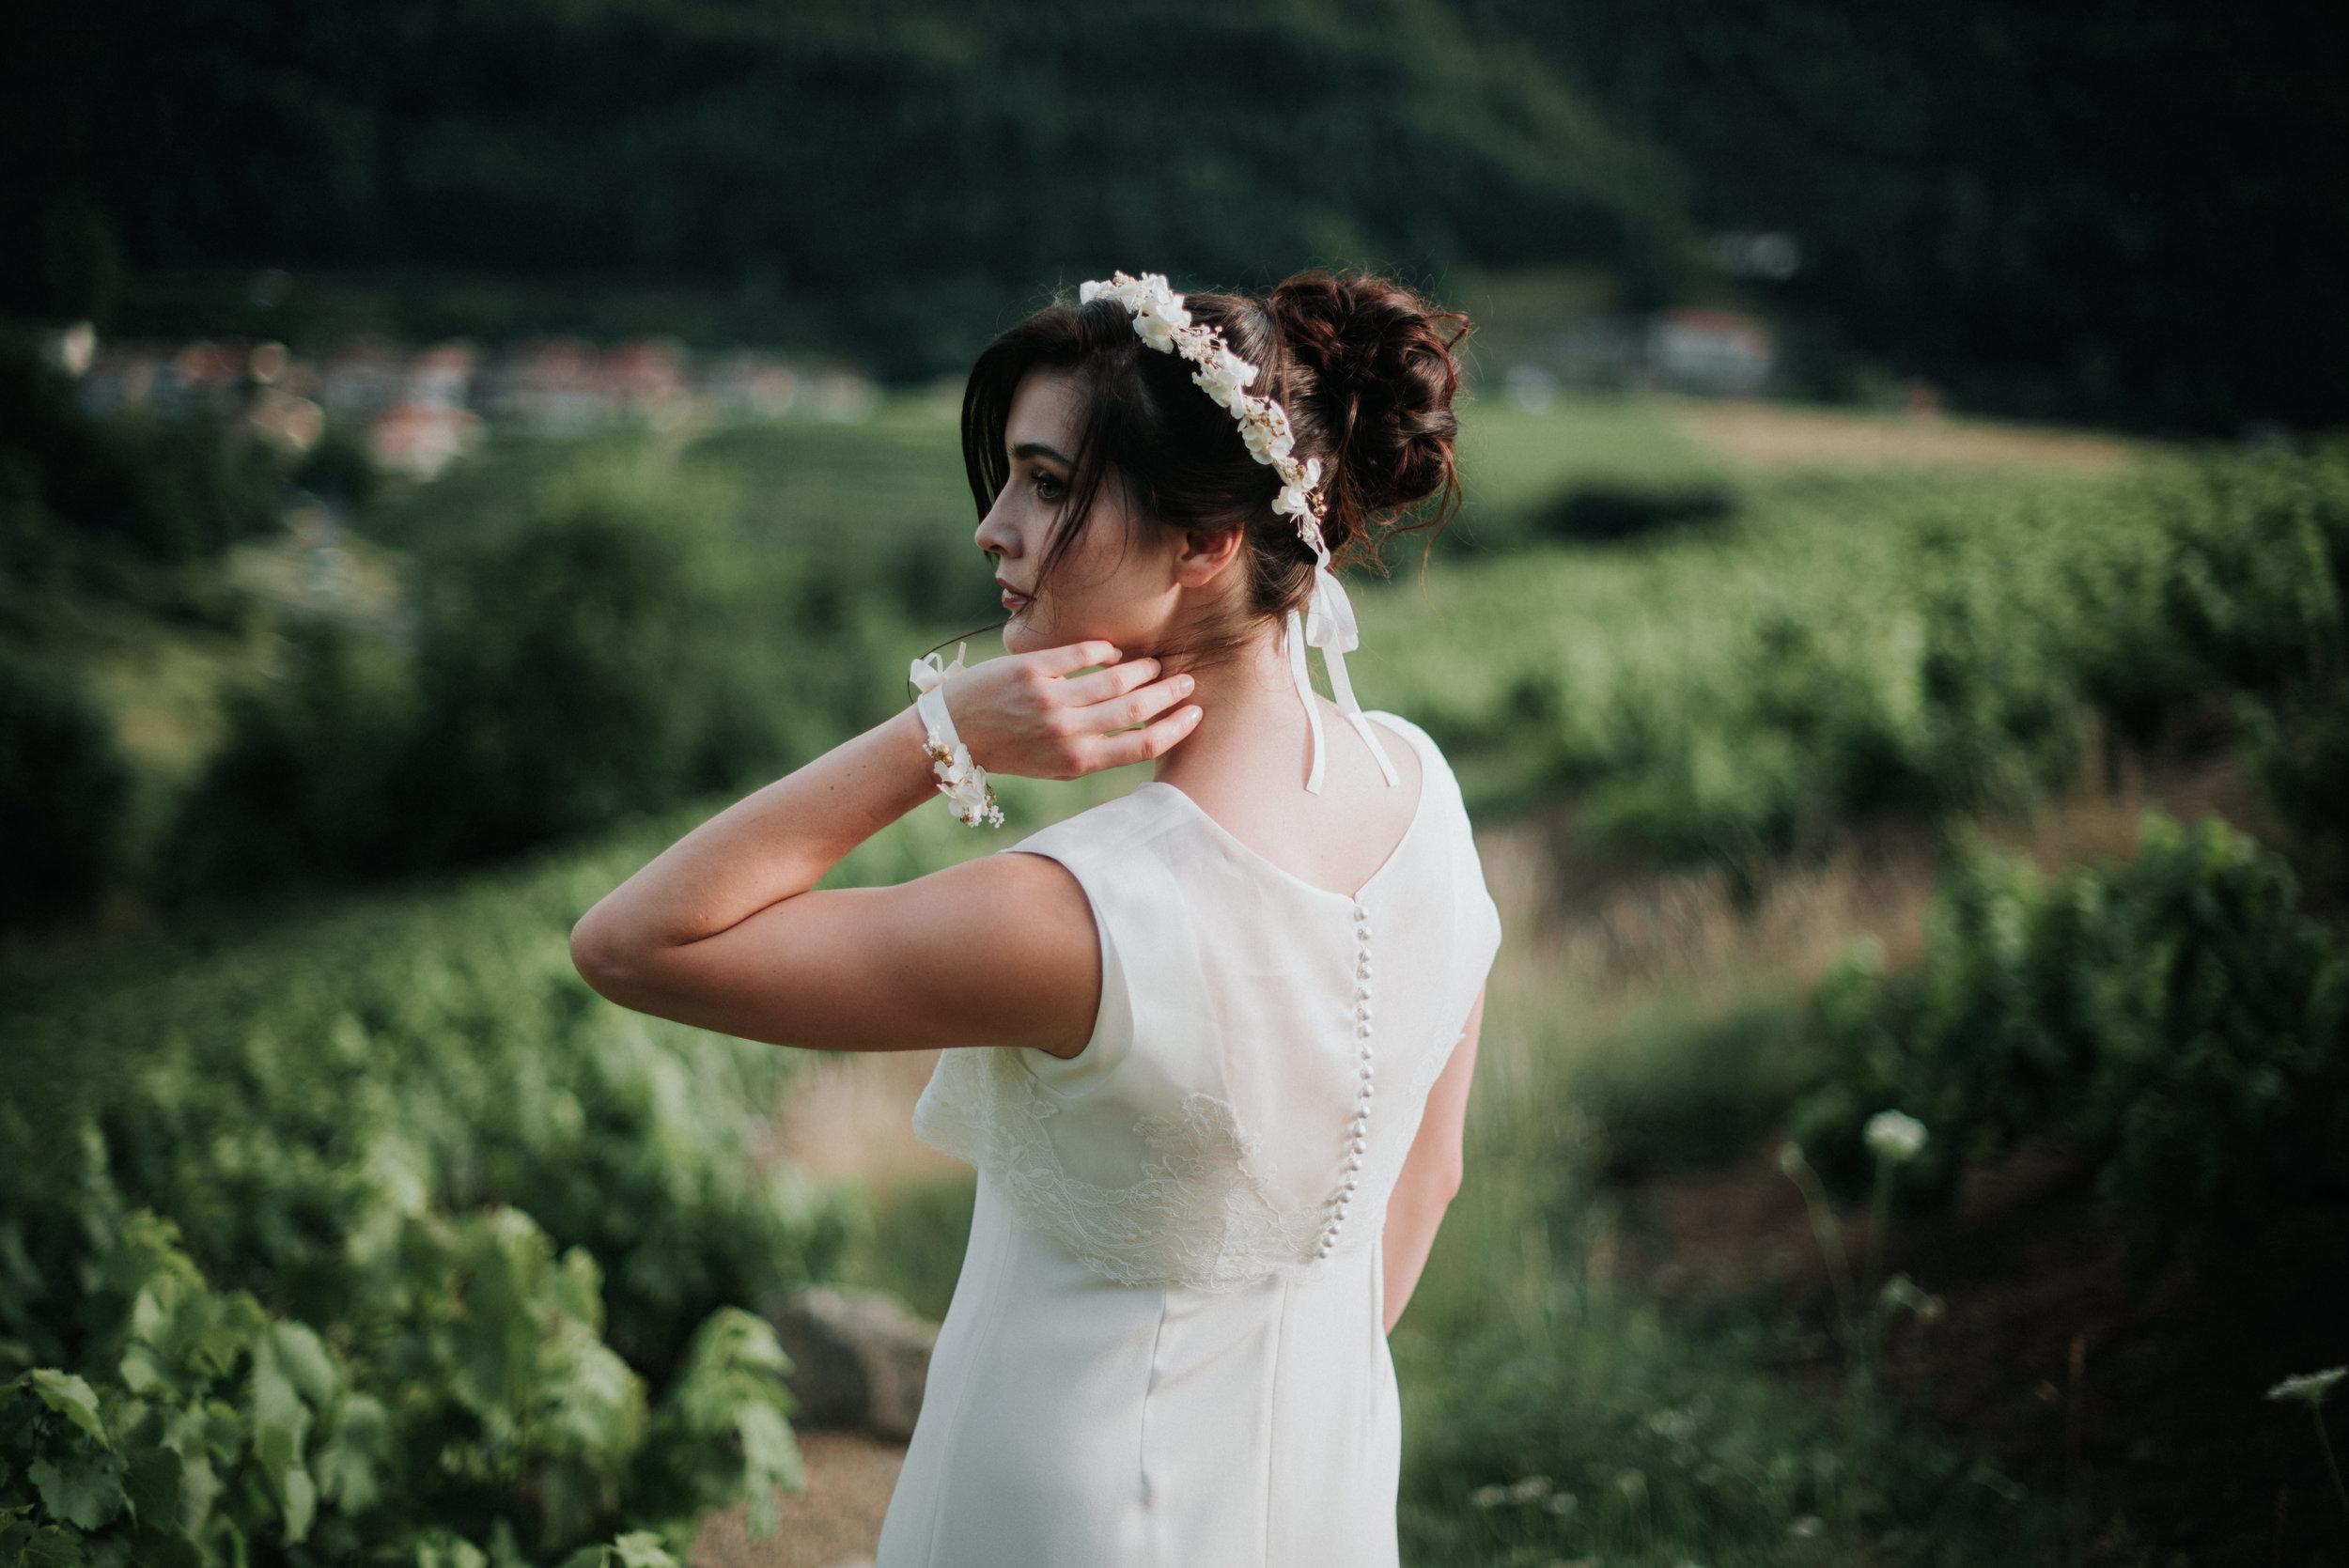 Léa-Fery-photographe-professionnel-lyon-rhone-alpes-portrait-creation-mariage-evenement-evenementiel-famille-9379.jpg